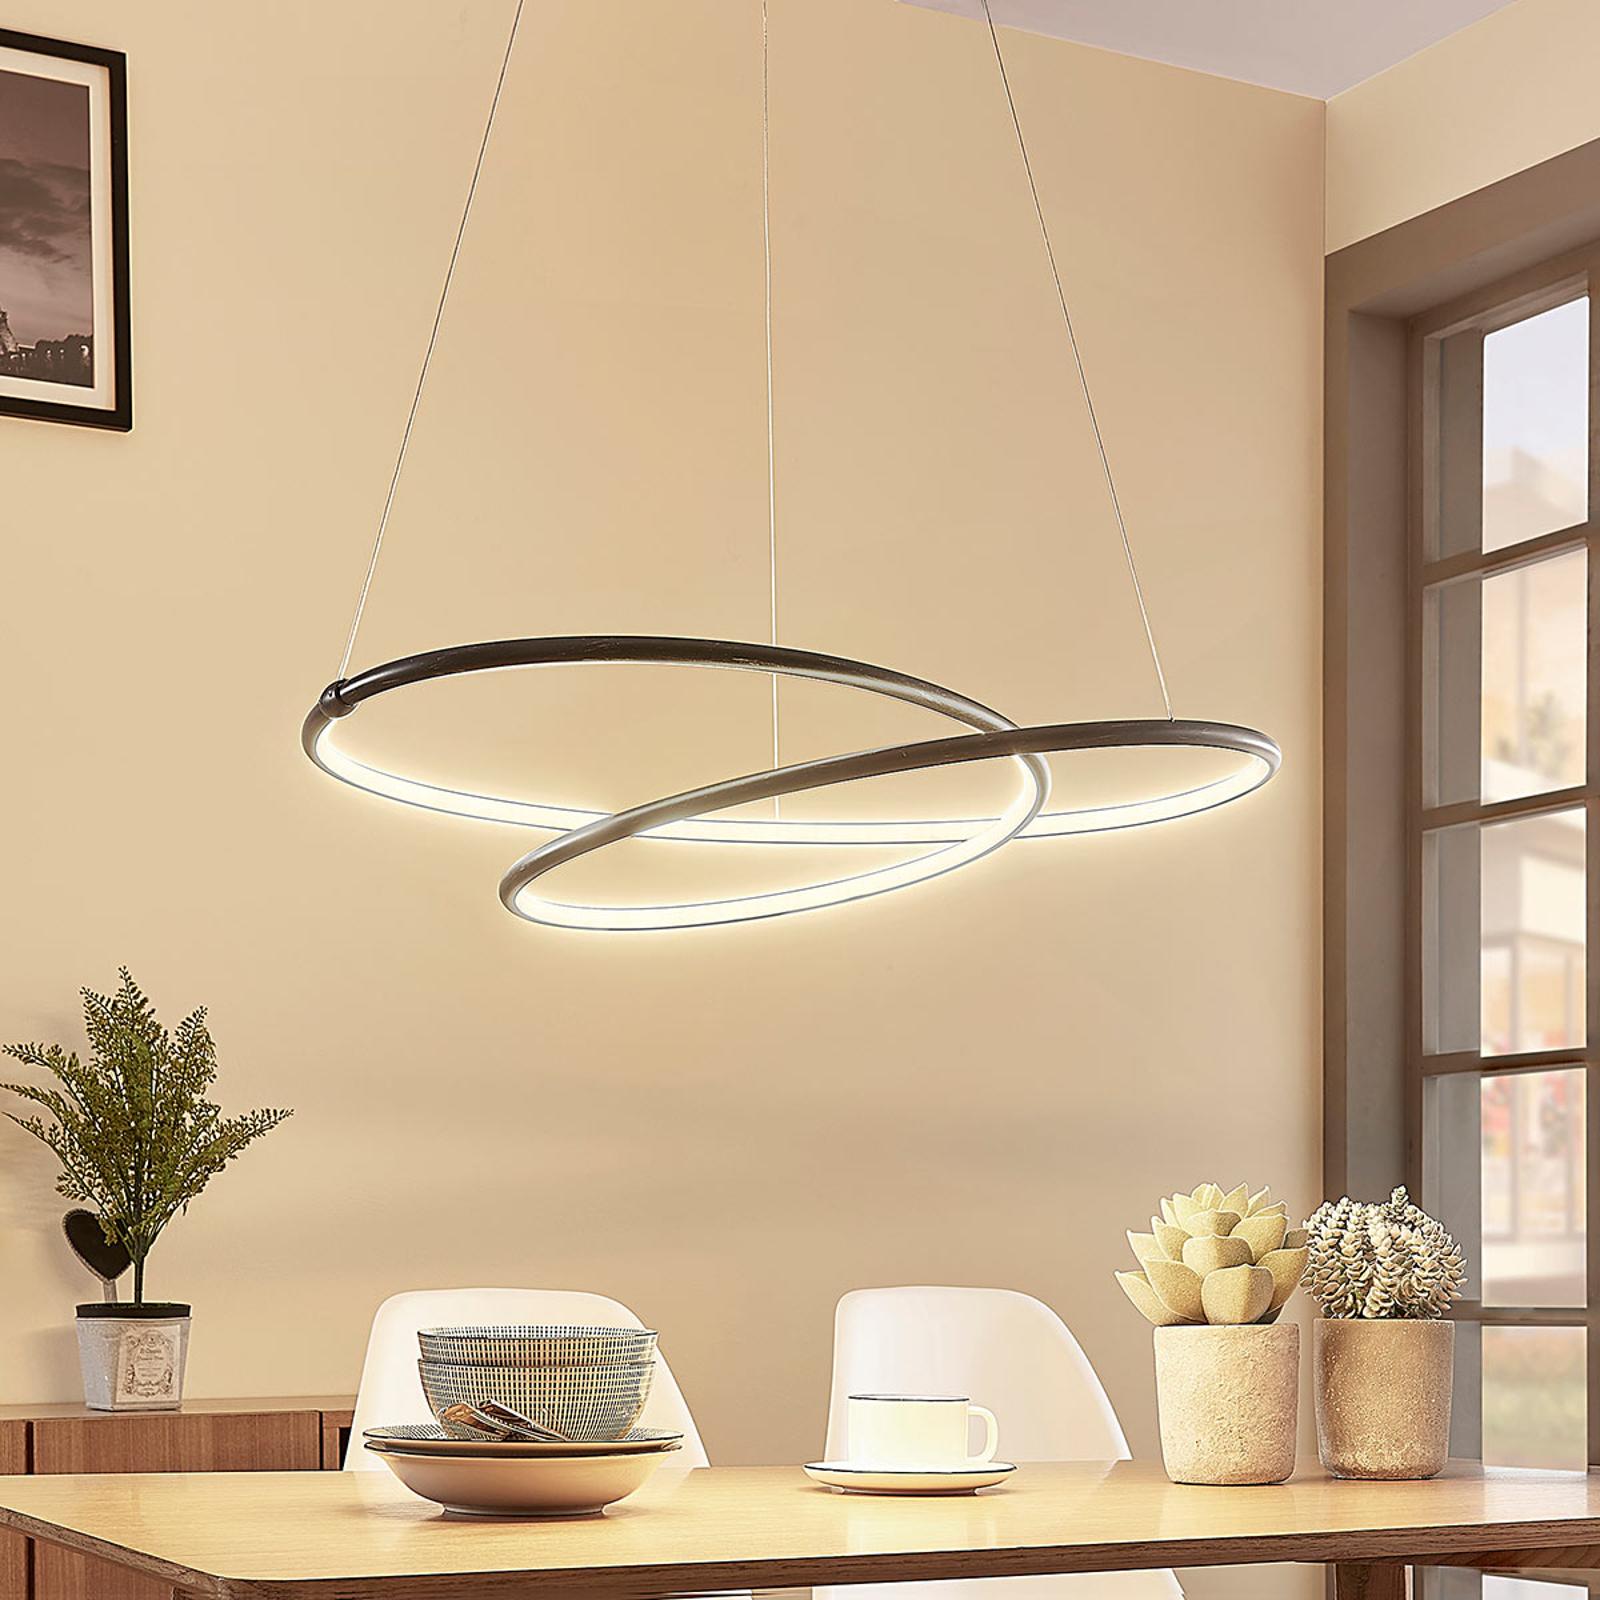 Acquista Moderna lampada a sospensione LED Mirasu nera